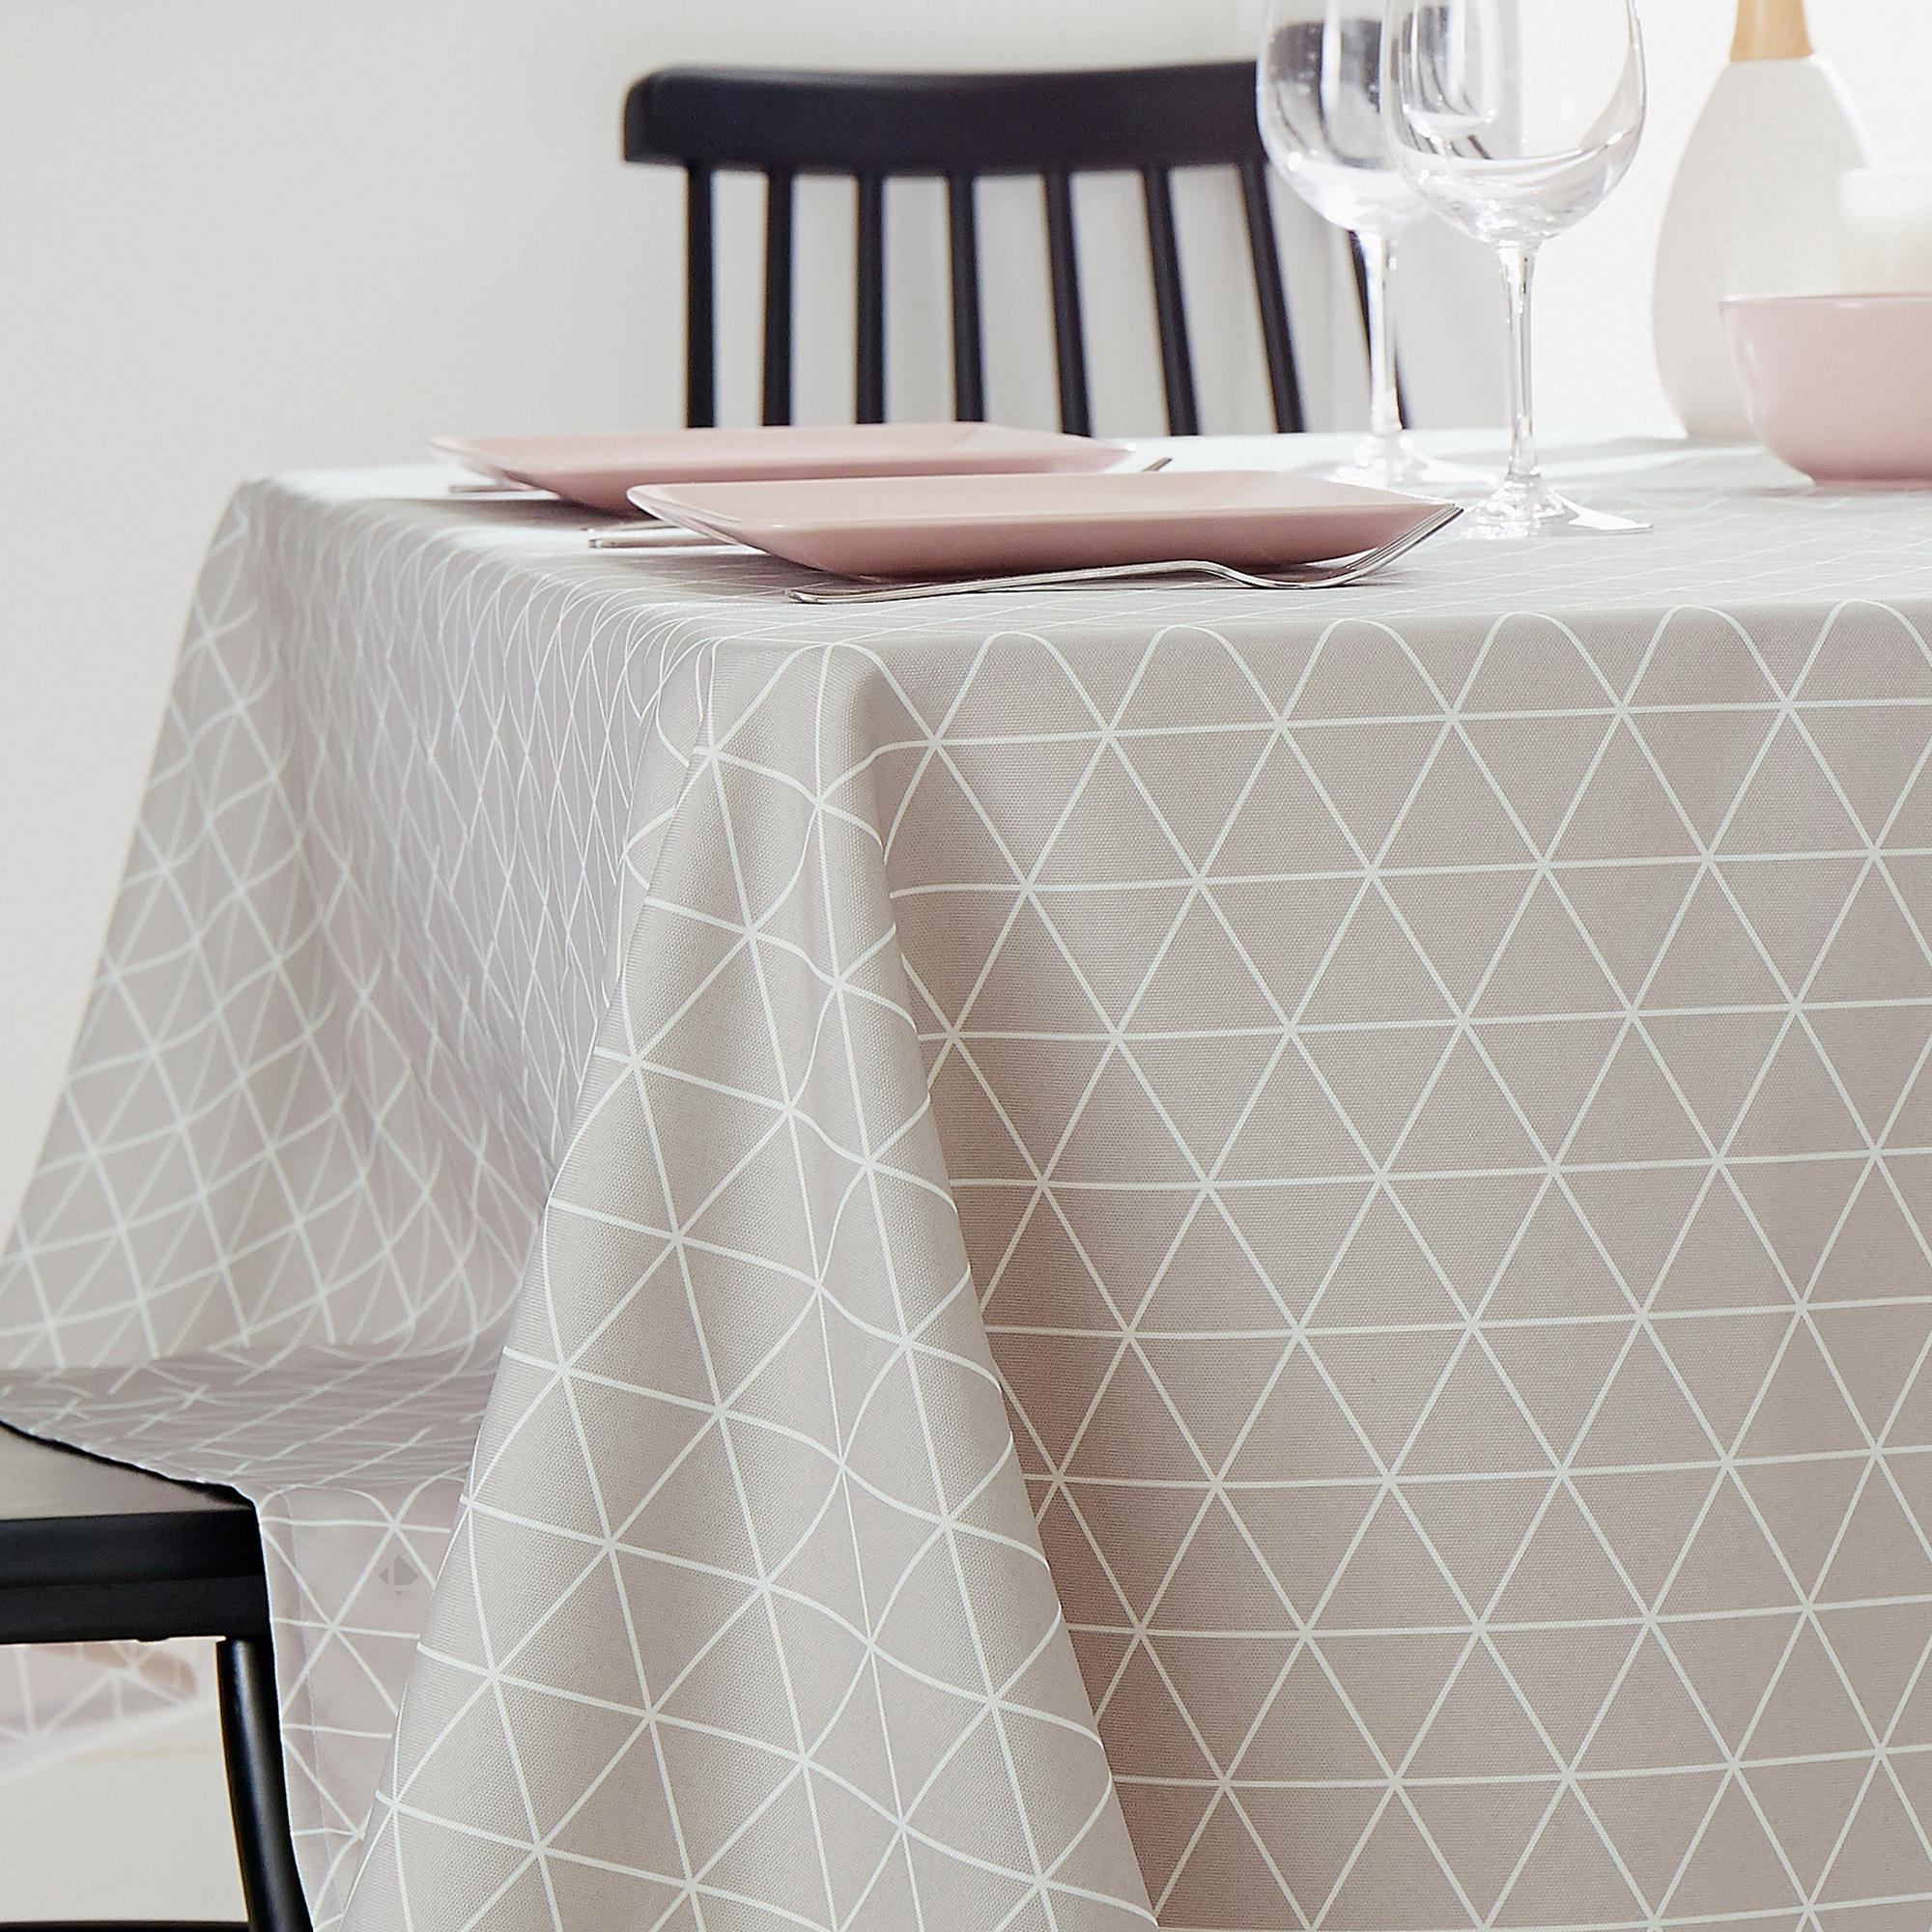 nappe rectangle 150x200 cm imprim e 100 polyester paco g om trique gris linnea linge de. Black Bedroom Furniture Sets. Home Design Ideas